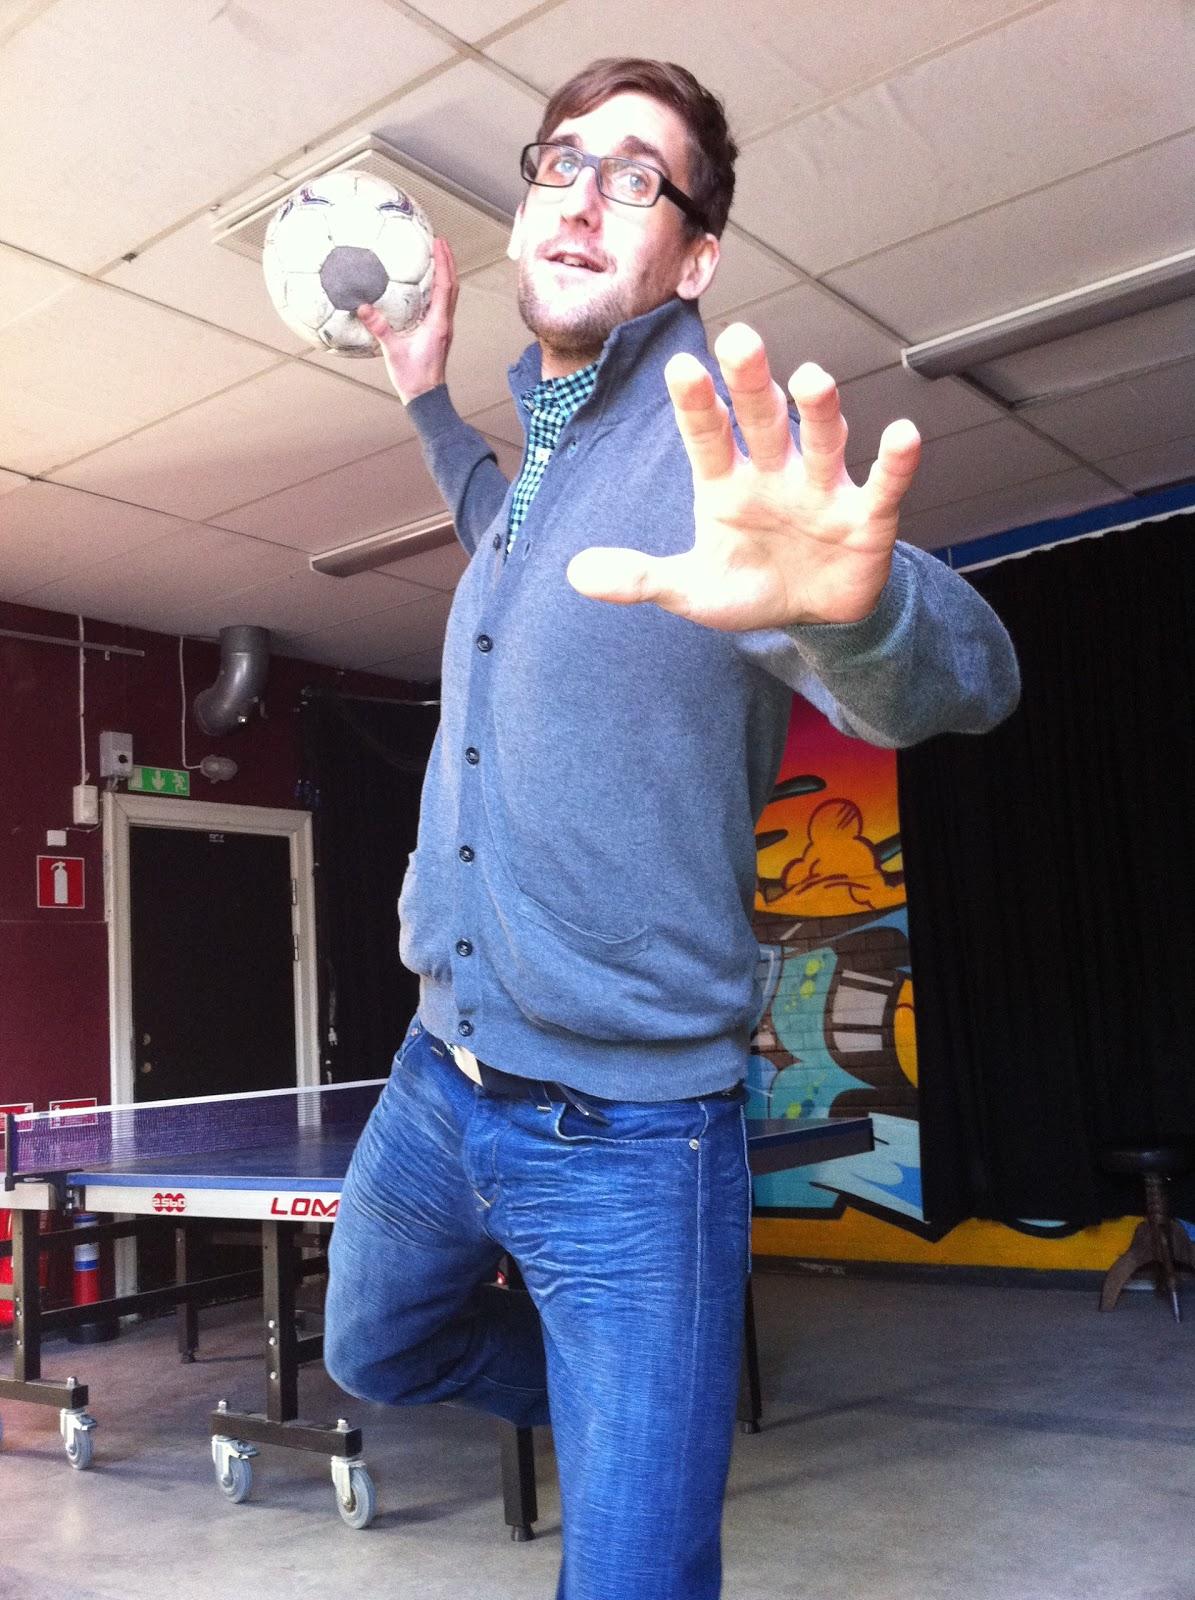 sverige frankrike handboll